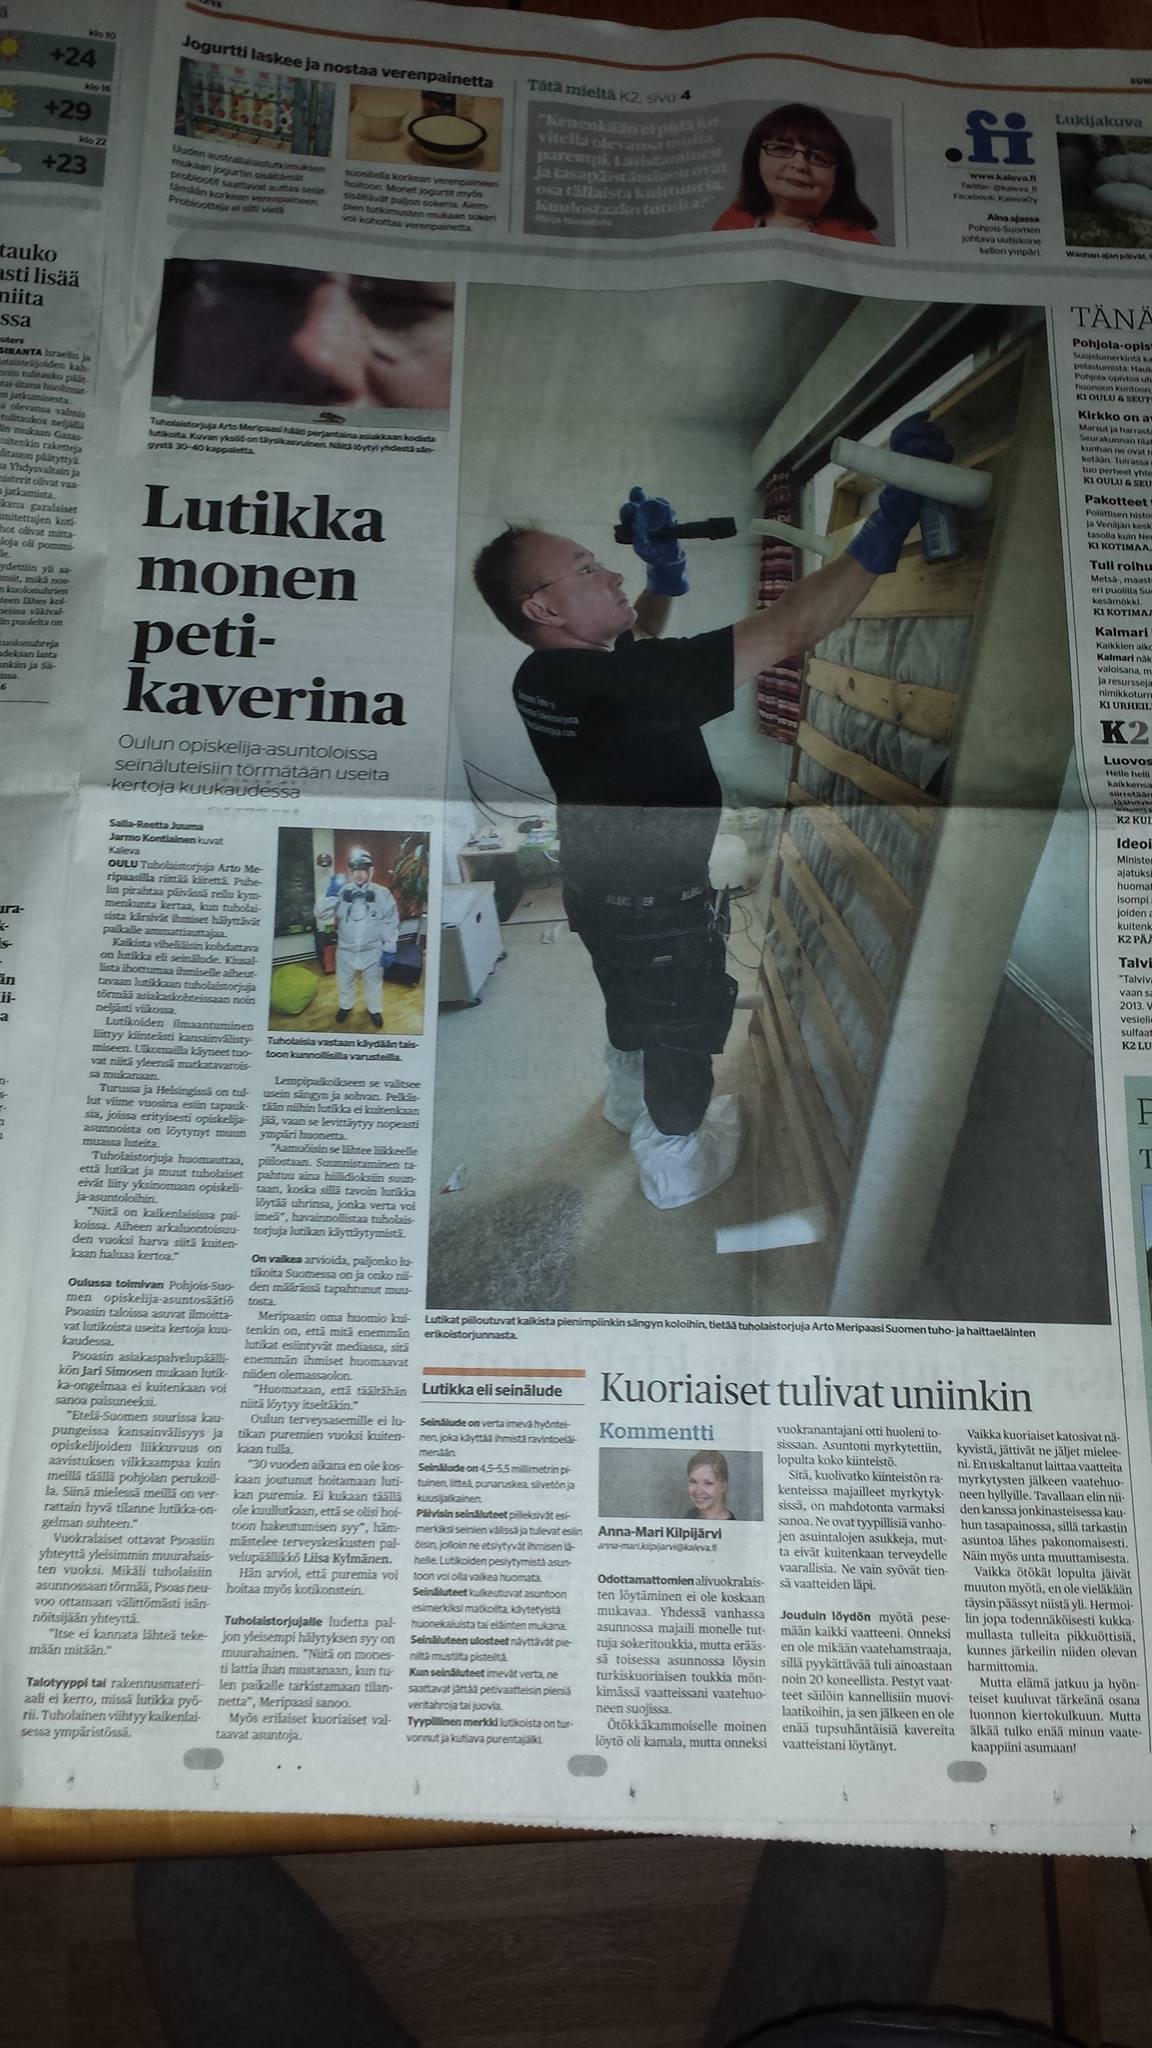 sanomalehti kaleva ilmoitukset Suonenjoki